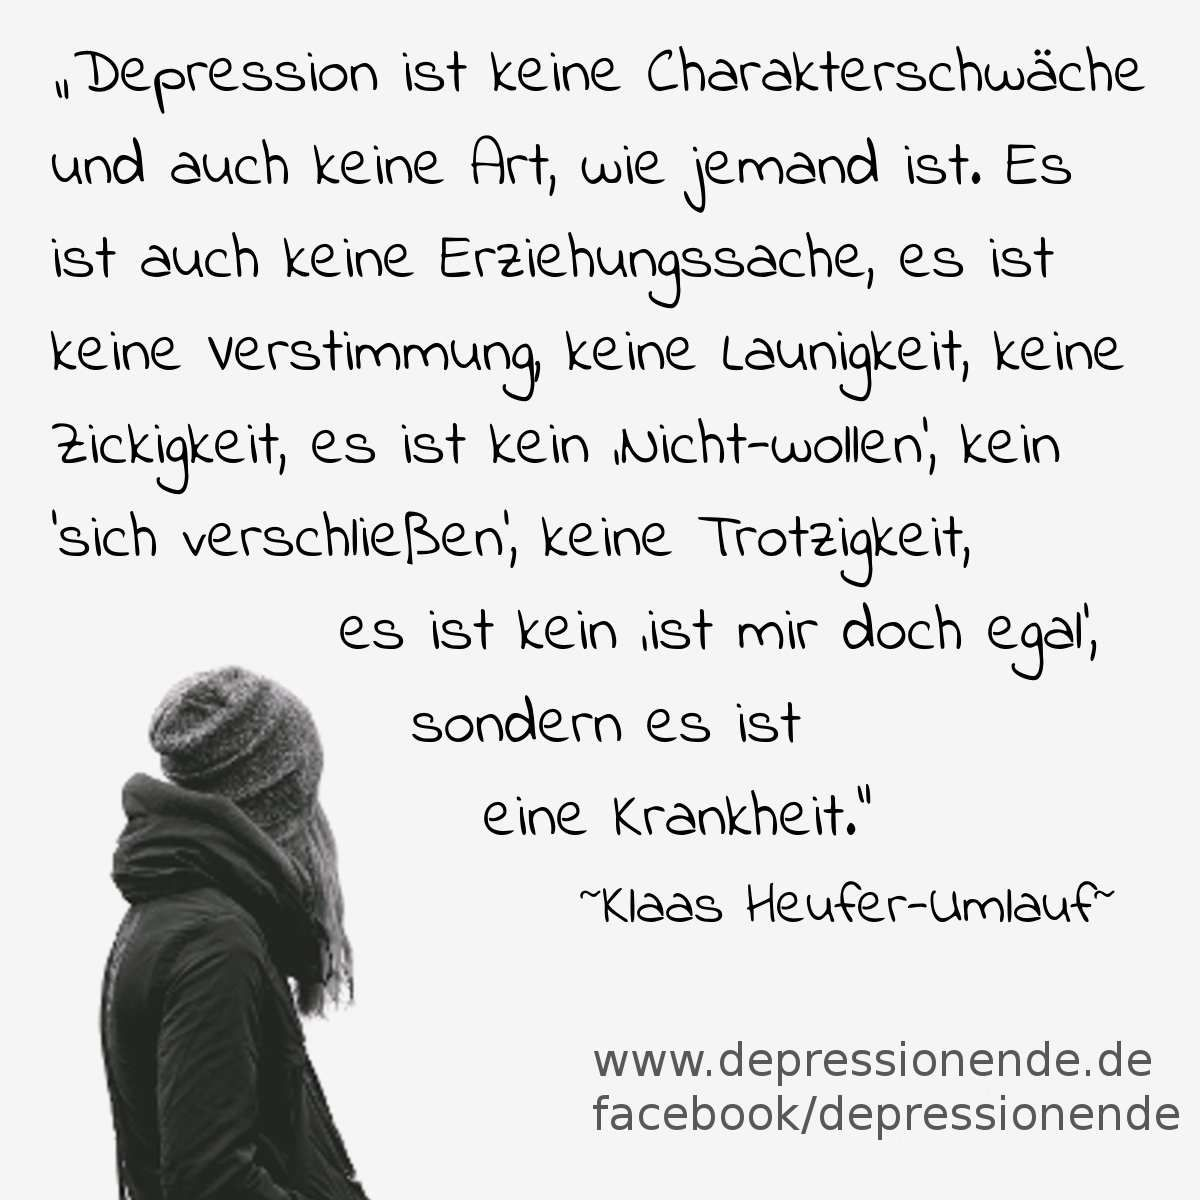 Schön Depression Ist Keine Charakterschwäche! Zitat Von Klaas Heufer Umlauf